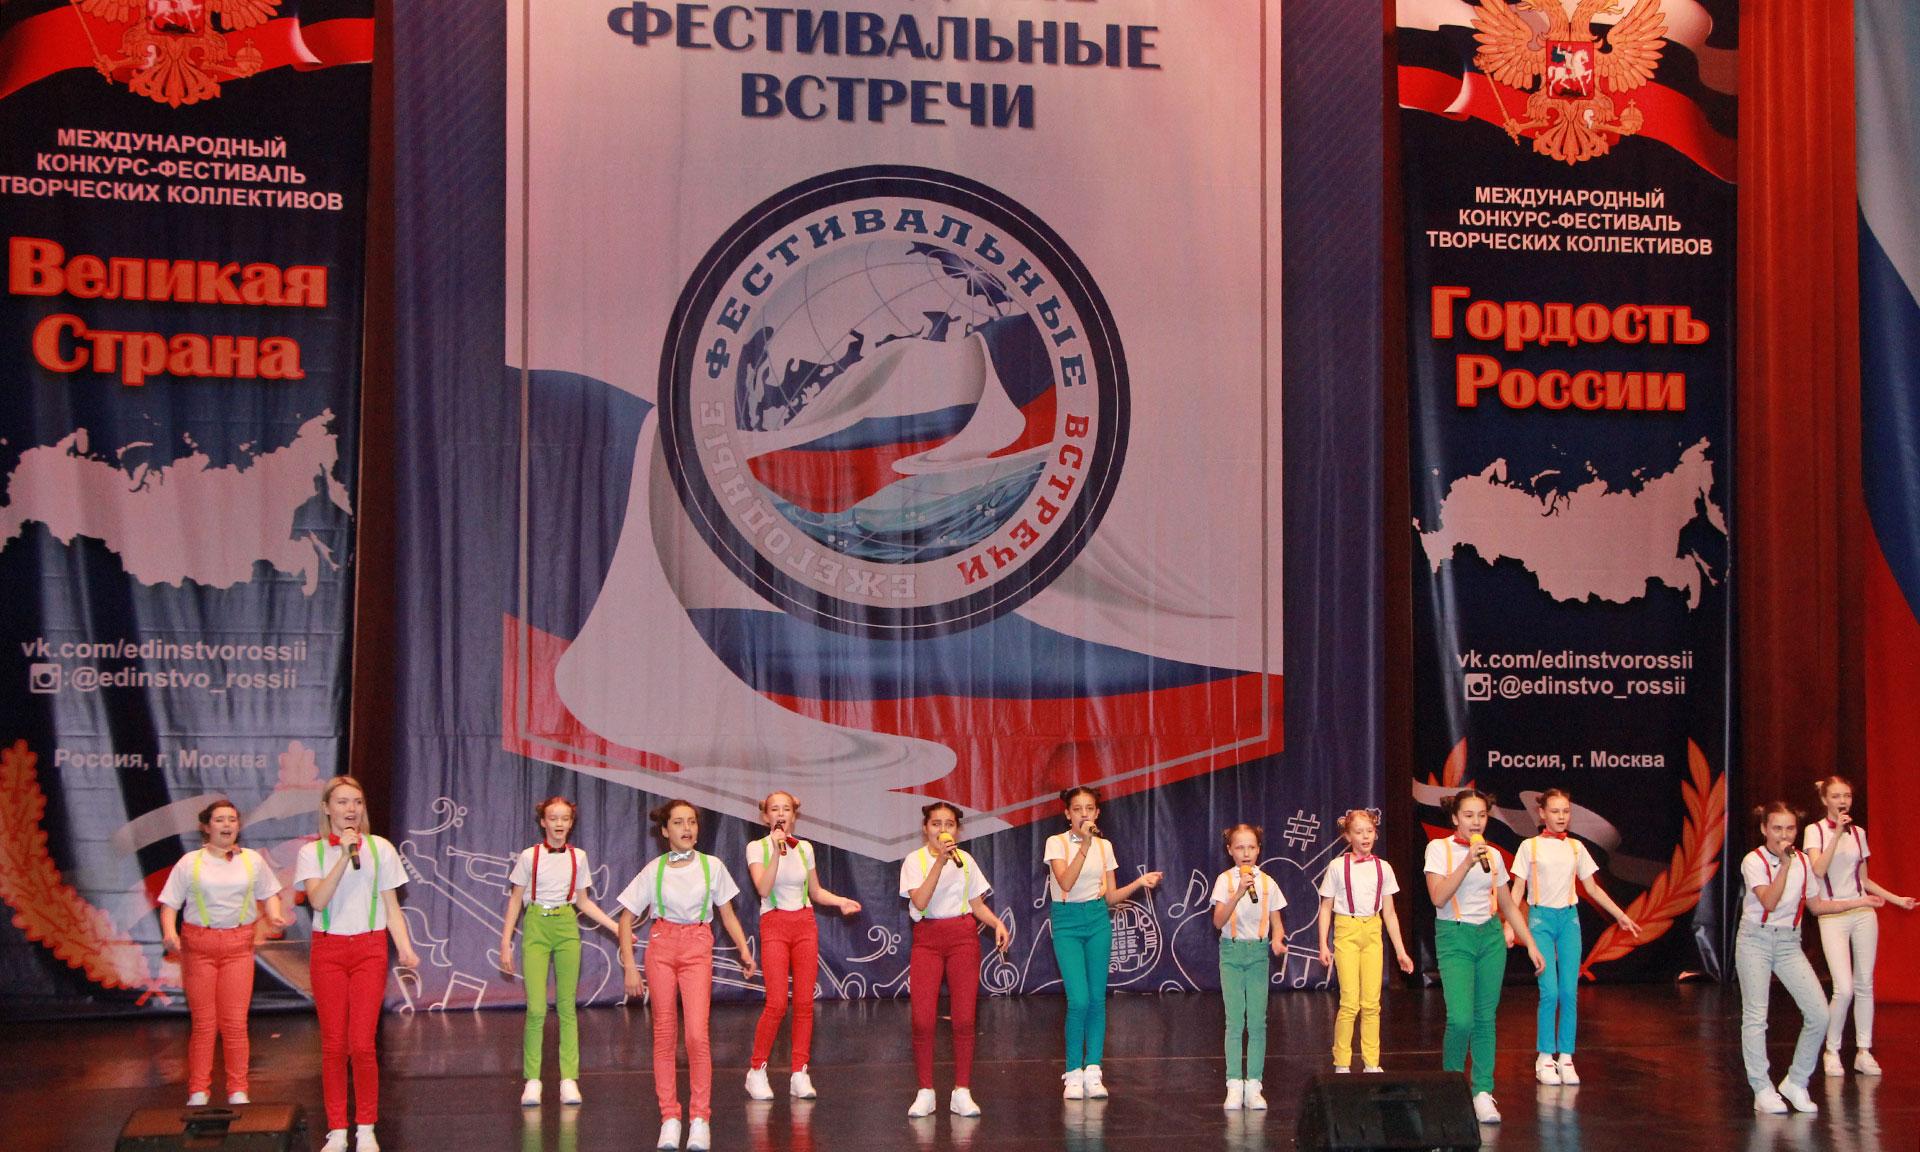 Все конкурсах фестивалях страны россии